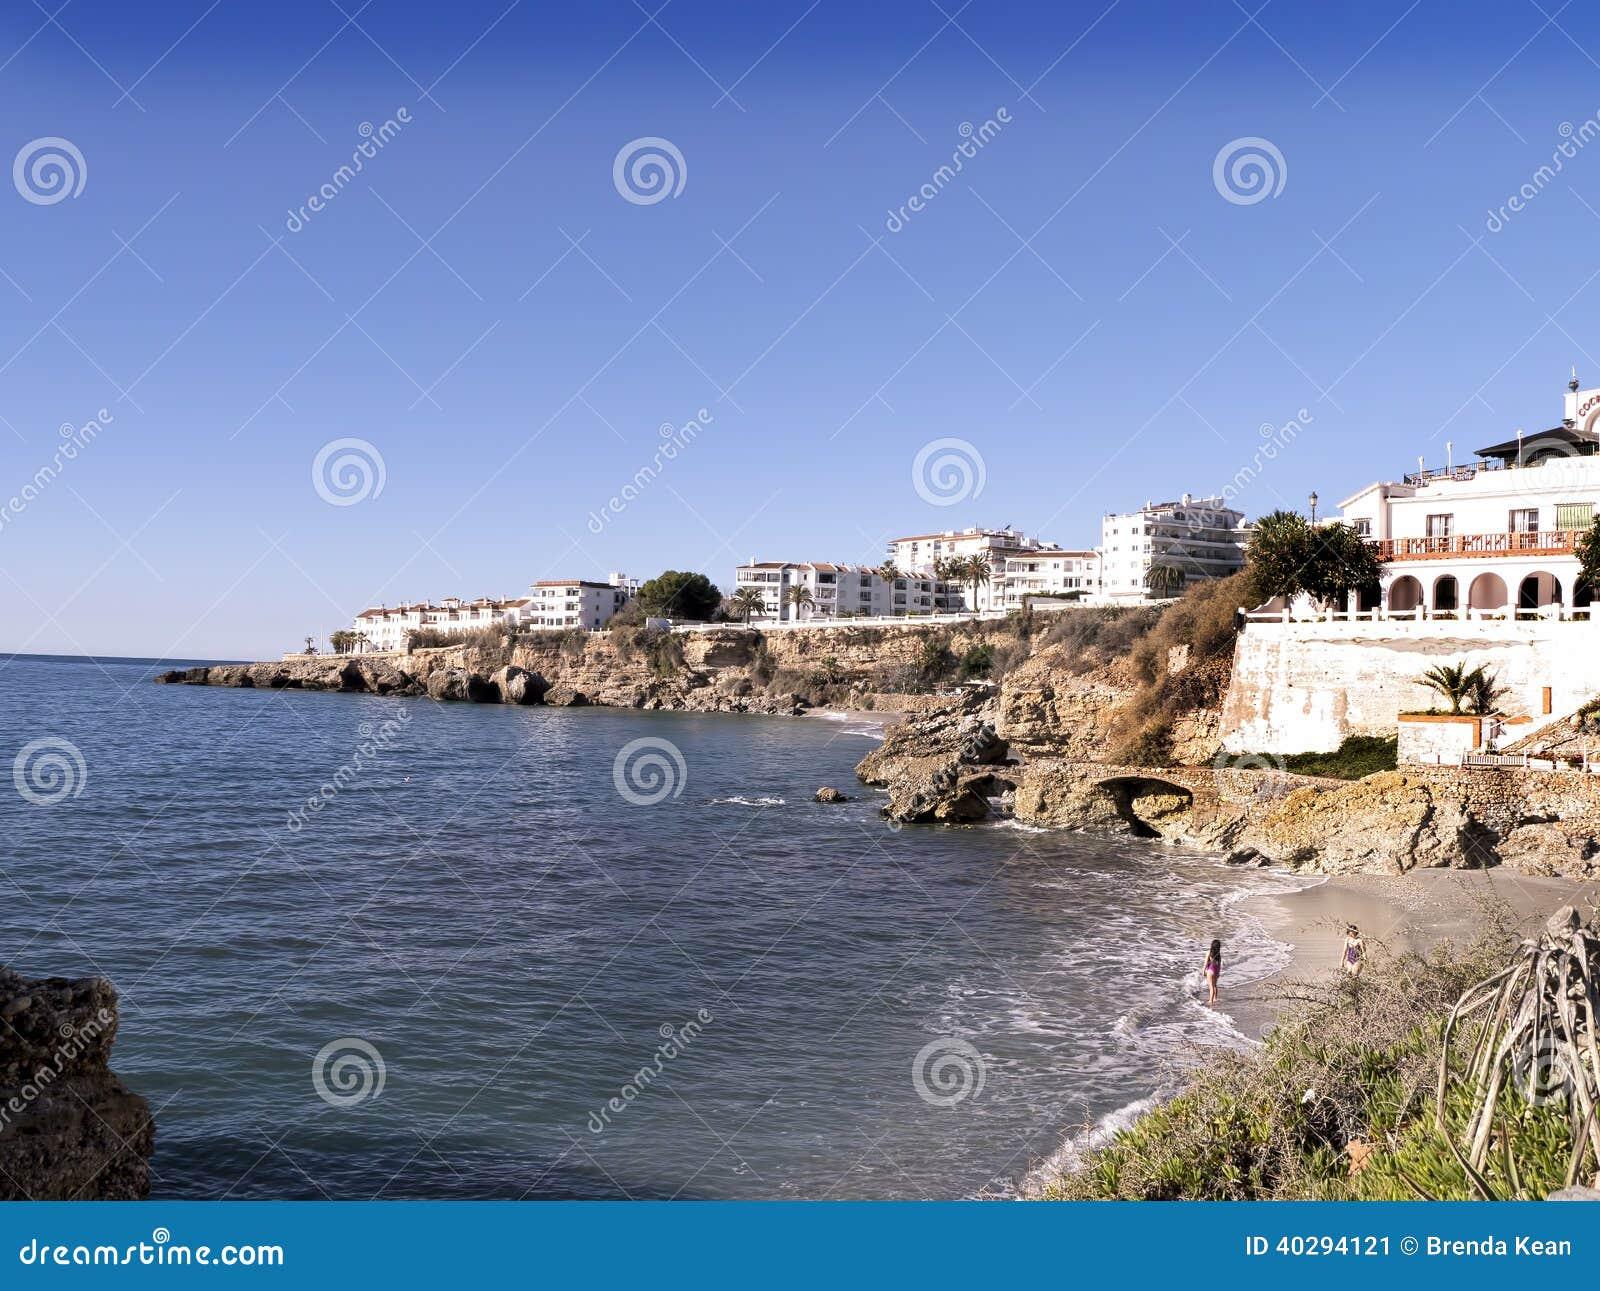 Encalhe as cenas em Nerja, um recurso em Costa Del Sol perto de Malaga, Andalucia, Espanha, Europa